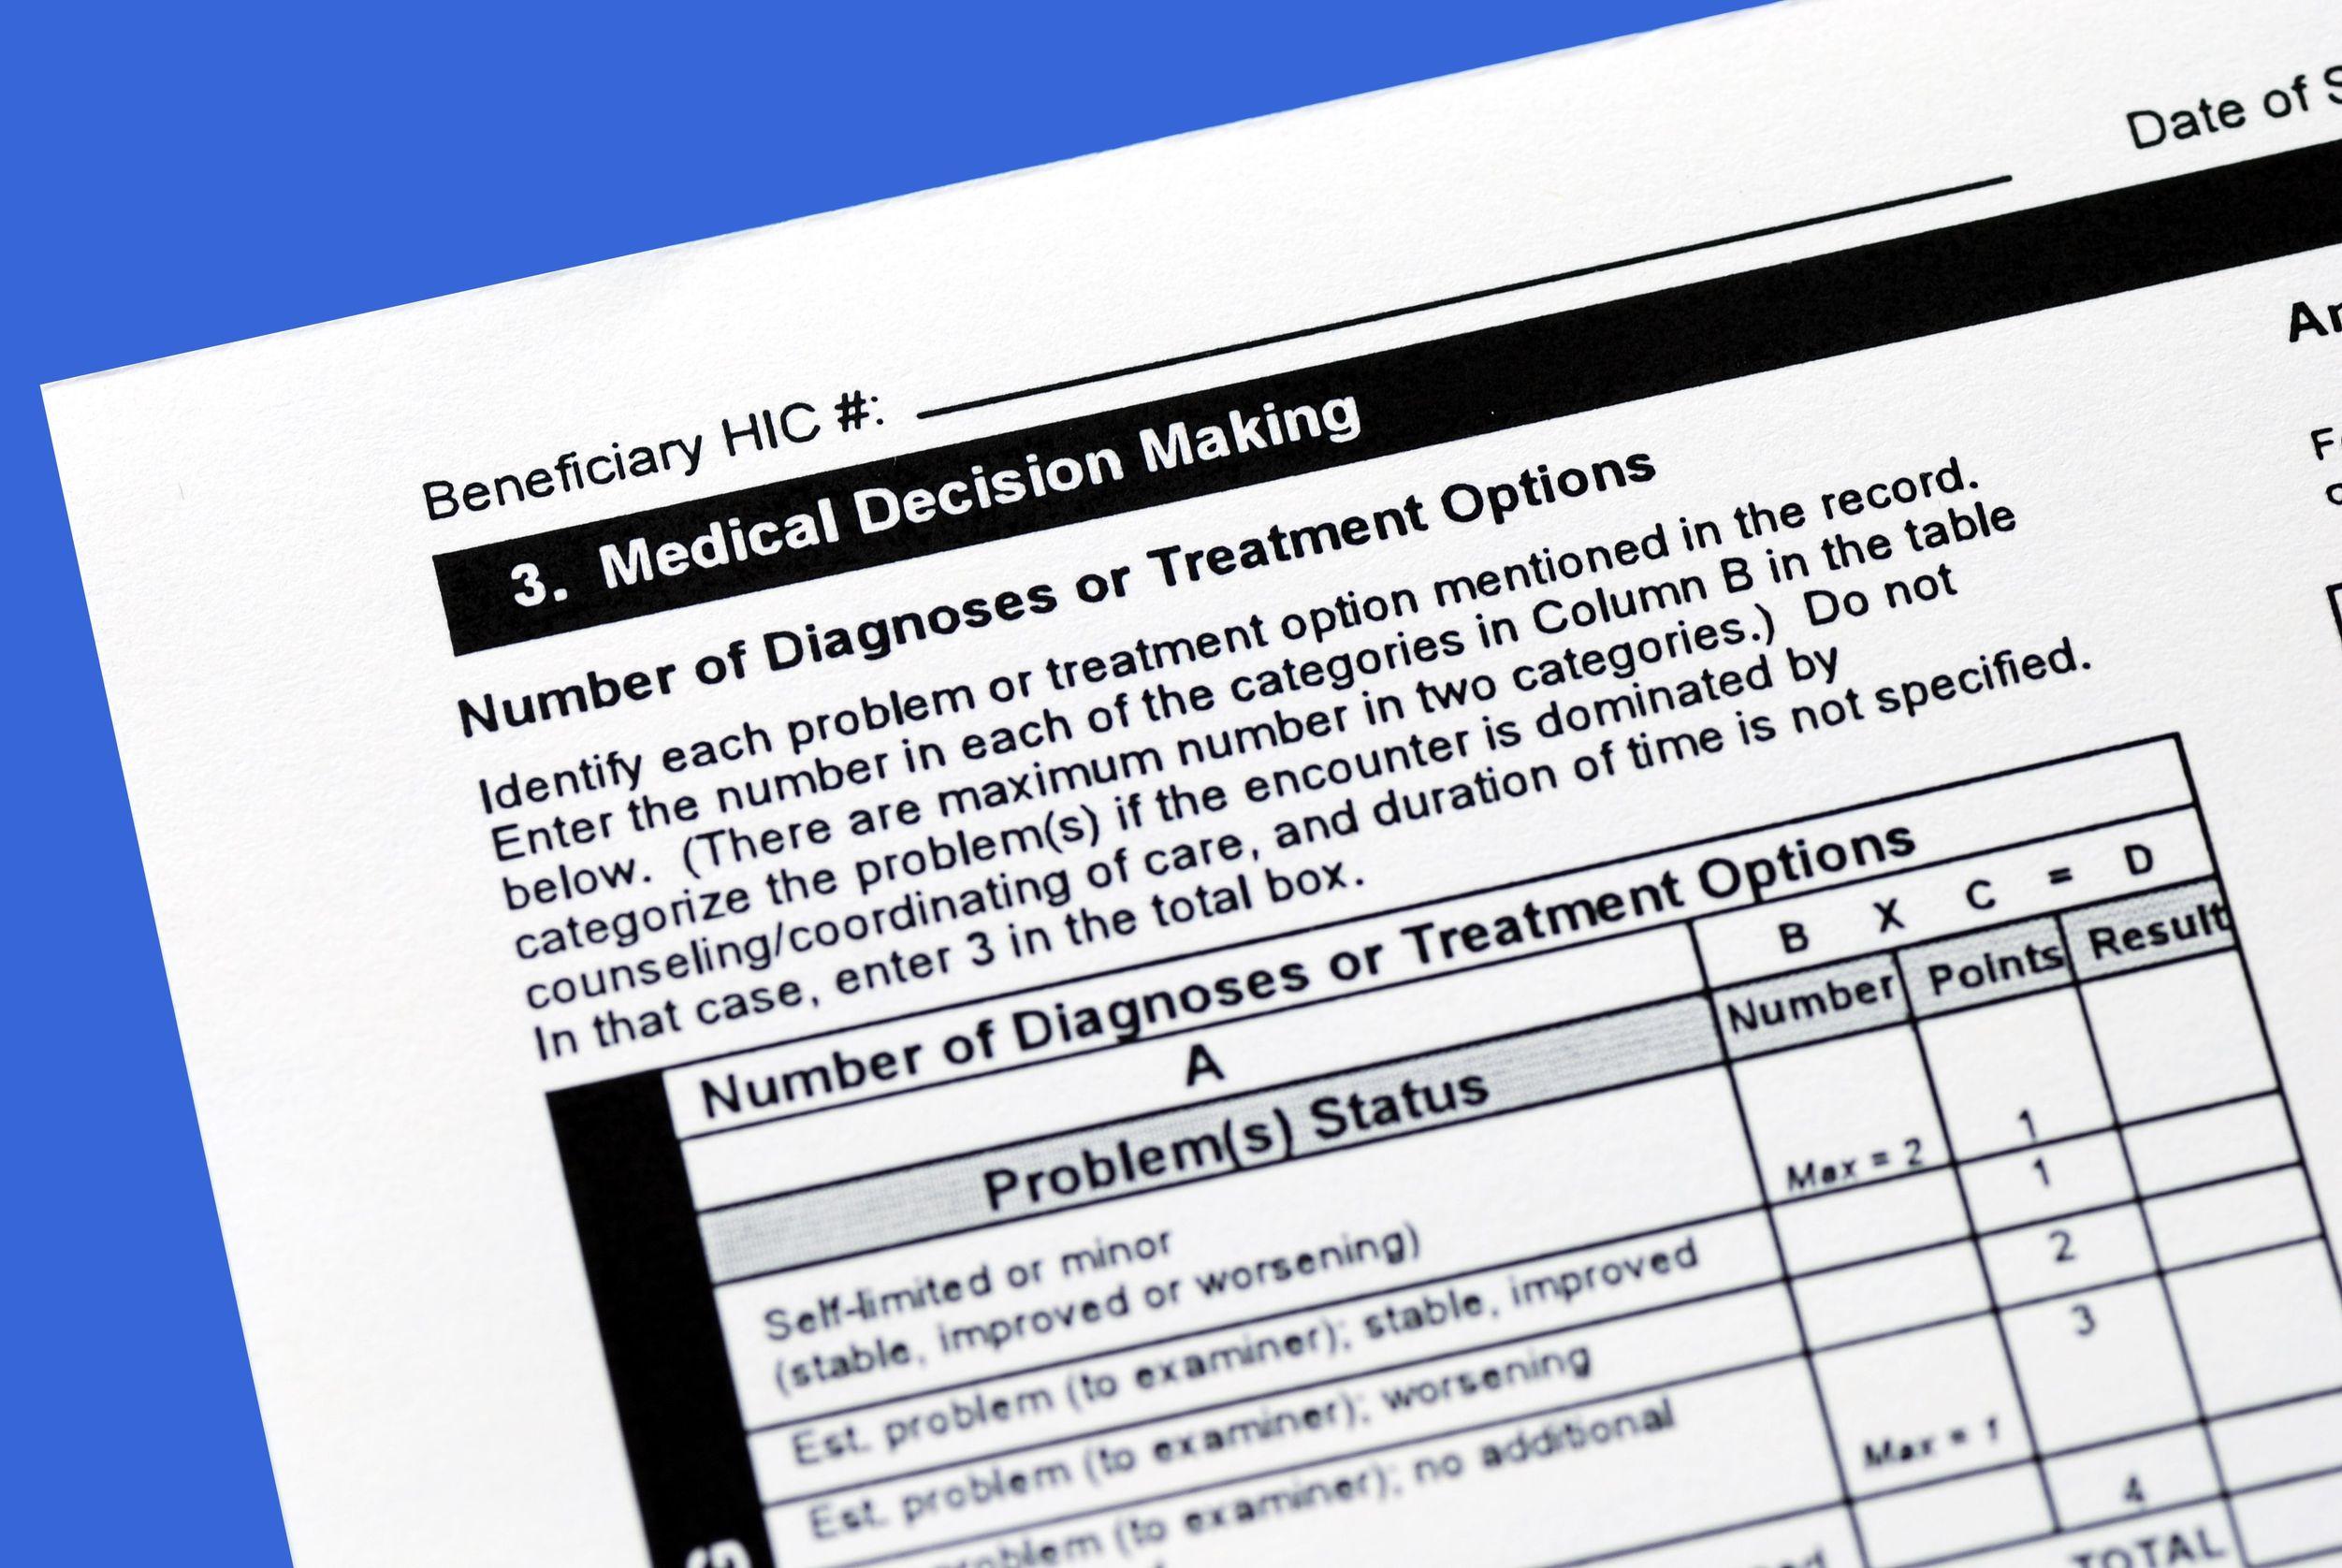 Il consenso informato del paziente al medico prima dell'intervento